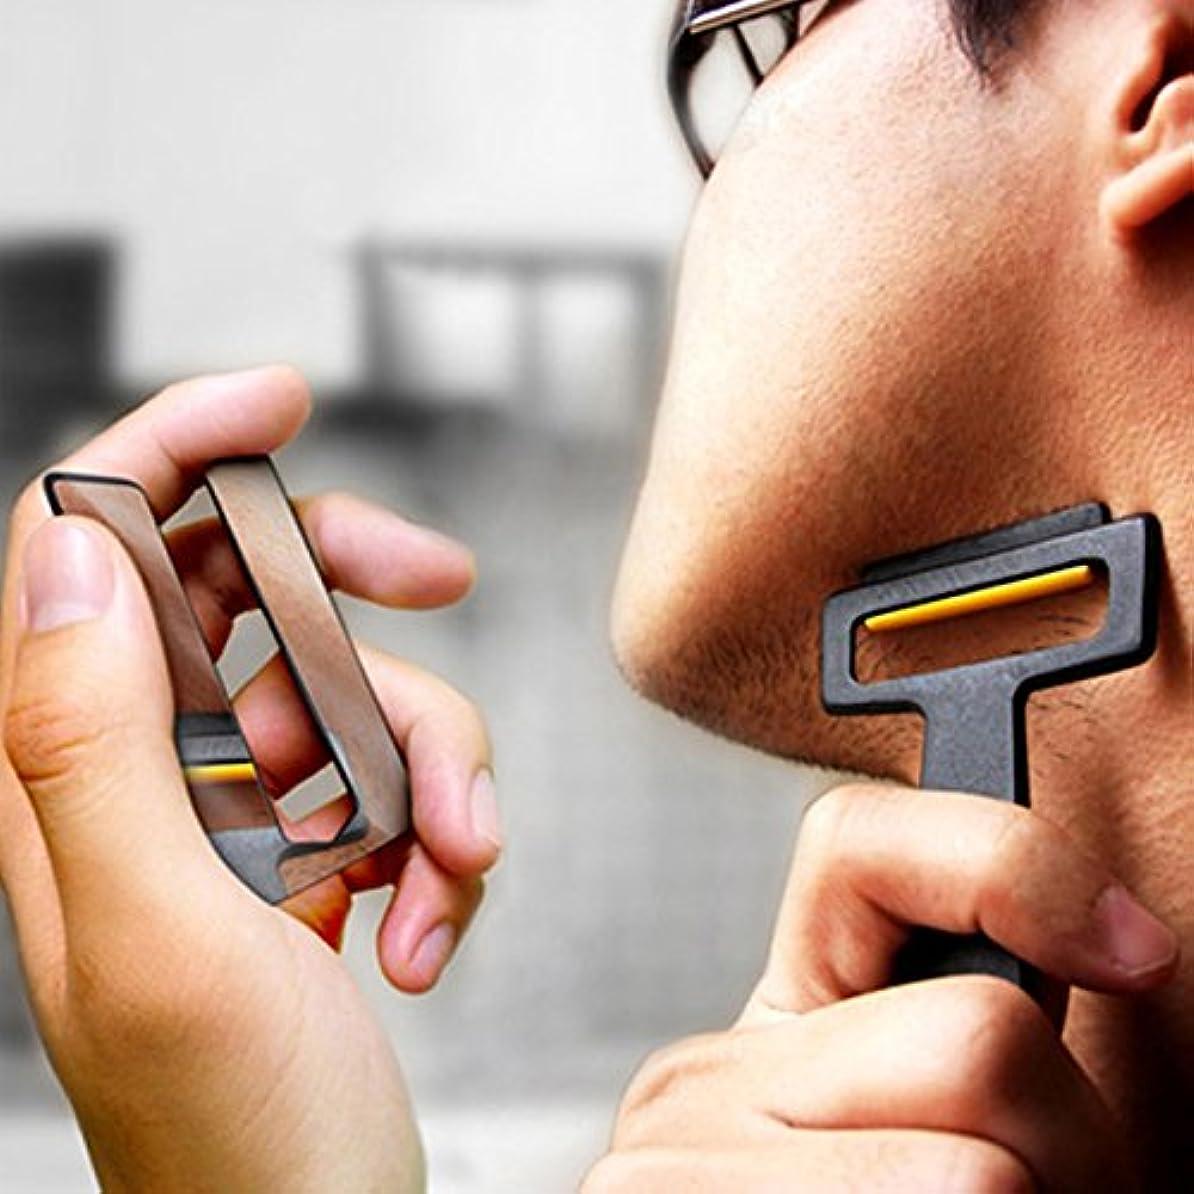 ランダムバルブ記述するPogass Carzor 3 In 1 Card設計された財布ミニかみそりビードポータブルひげ剃りミラースタンドキット